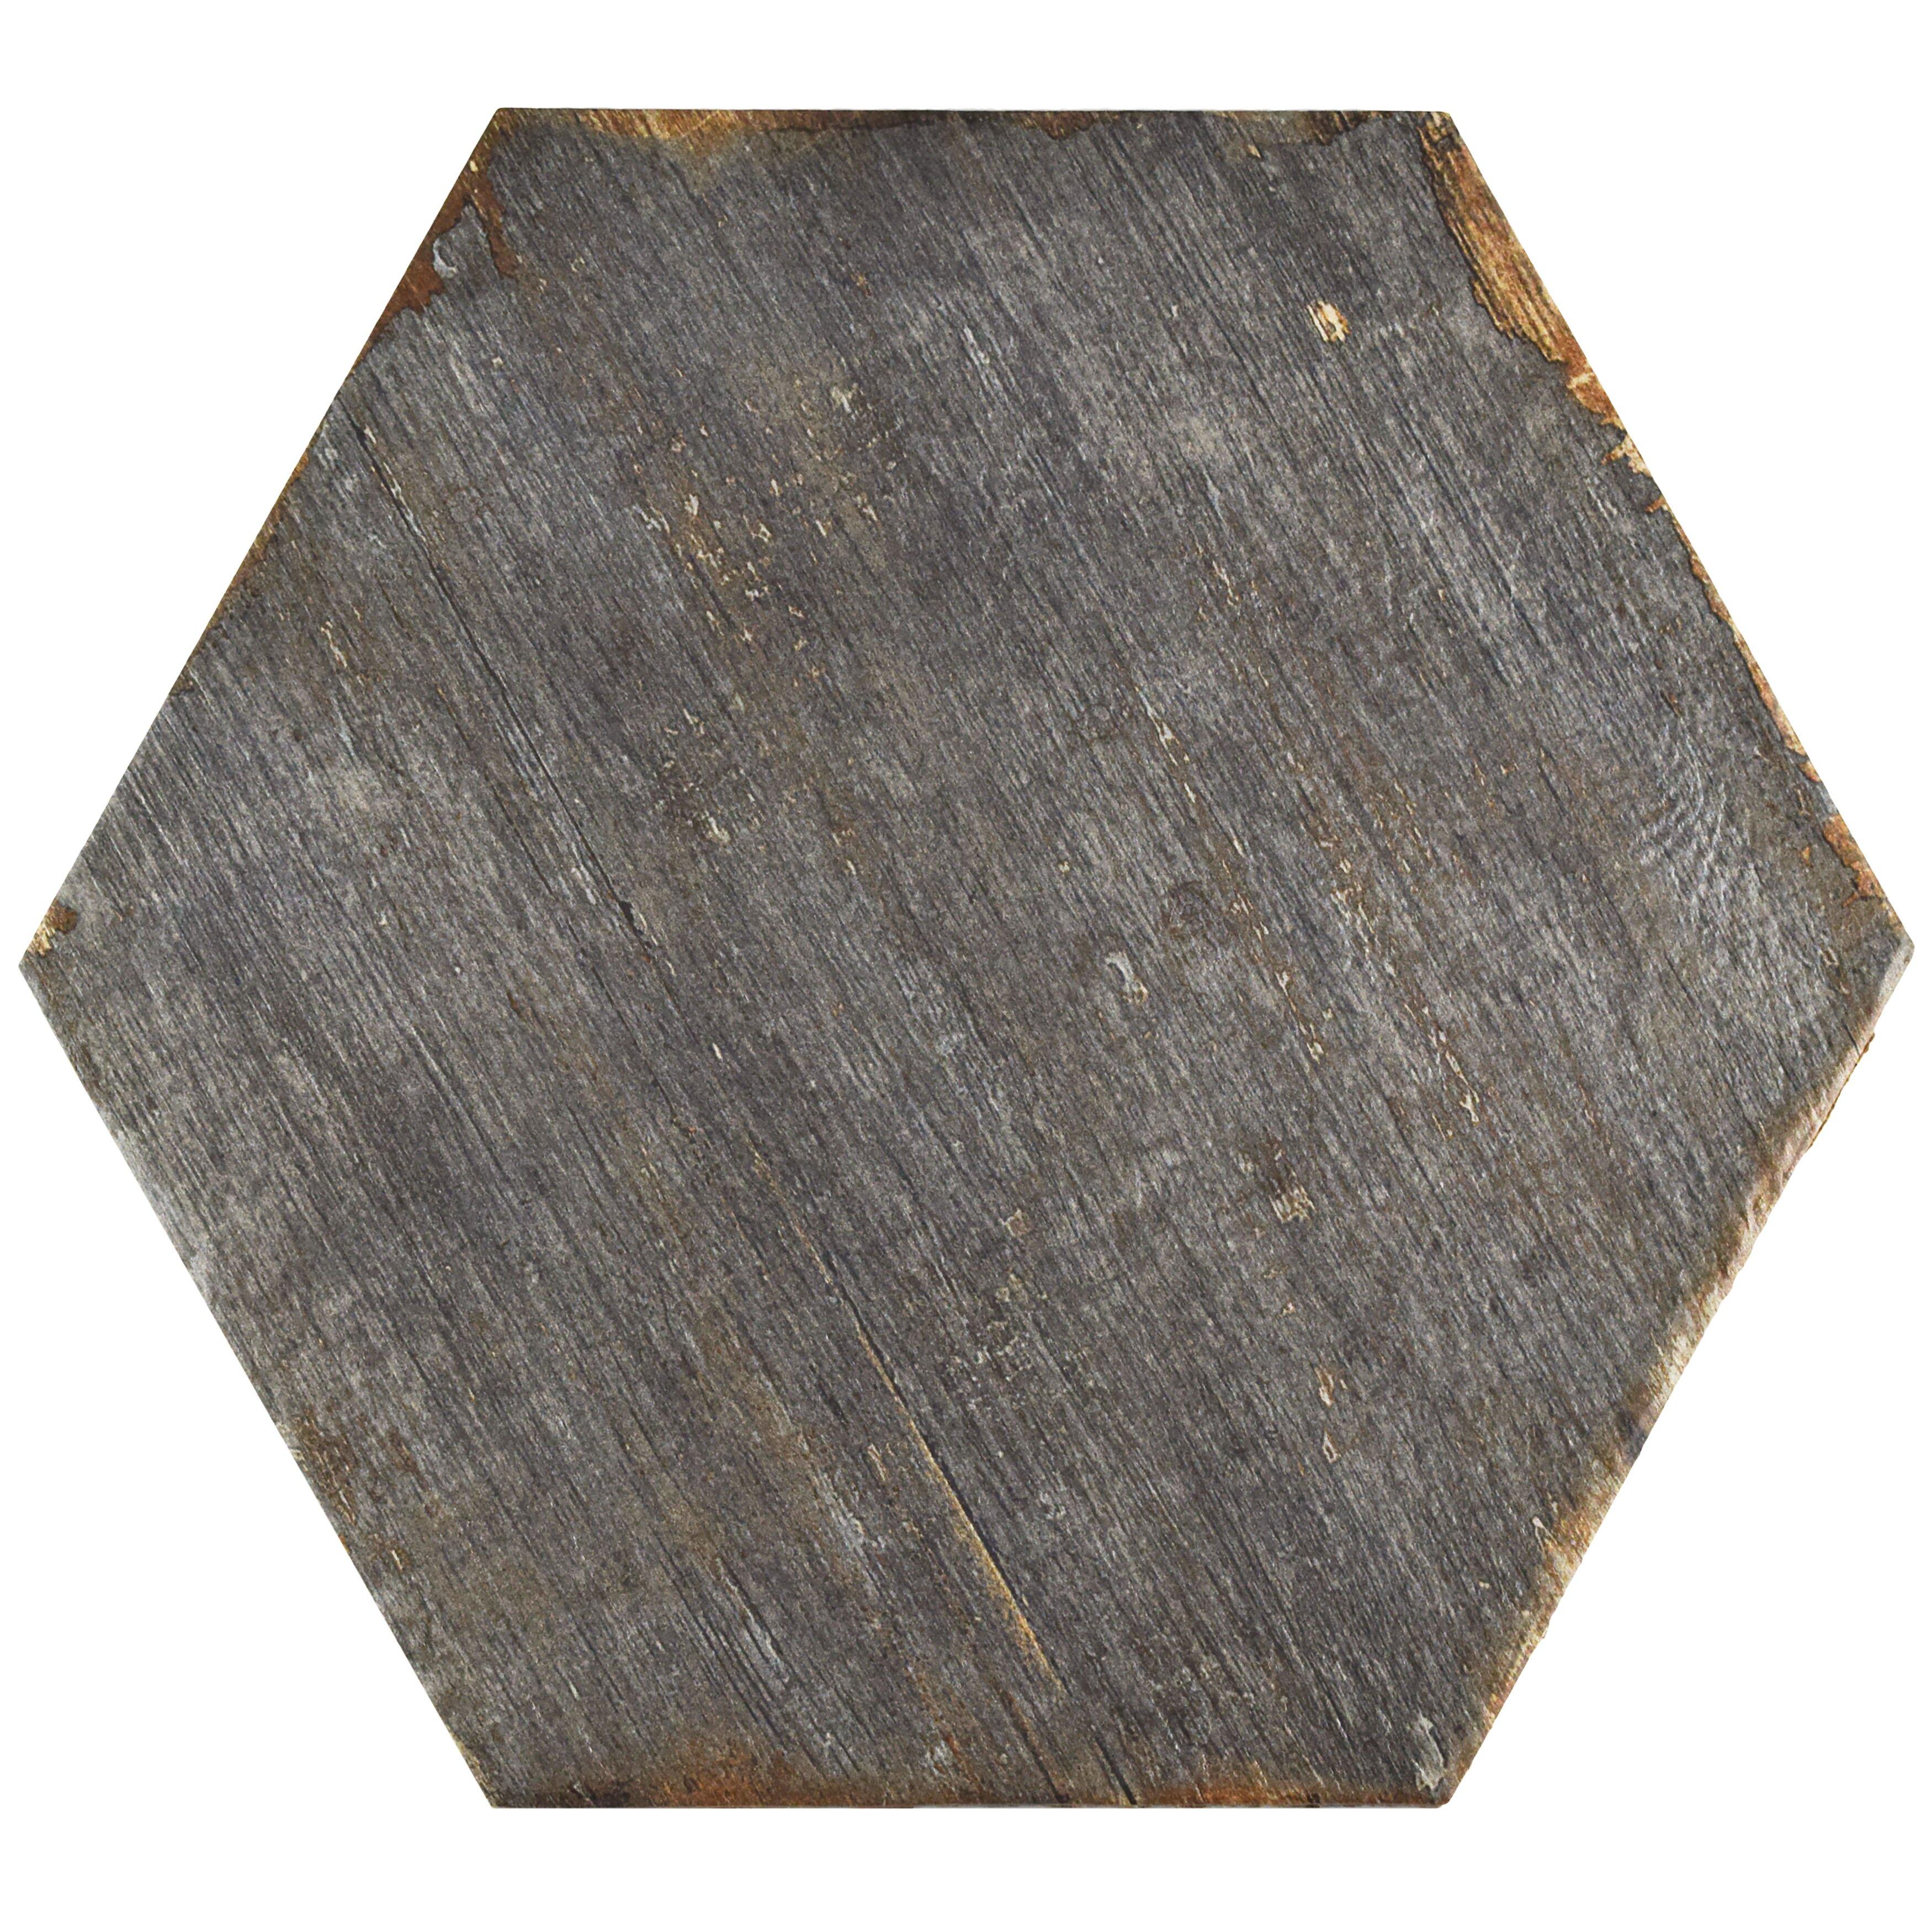 elitetile rama x hex porcelain floor and. Black Bedroom Furniture Sets. Home Design Ideas